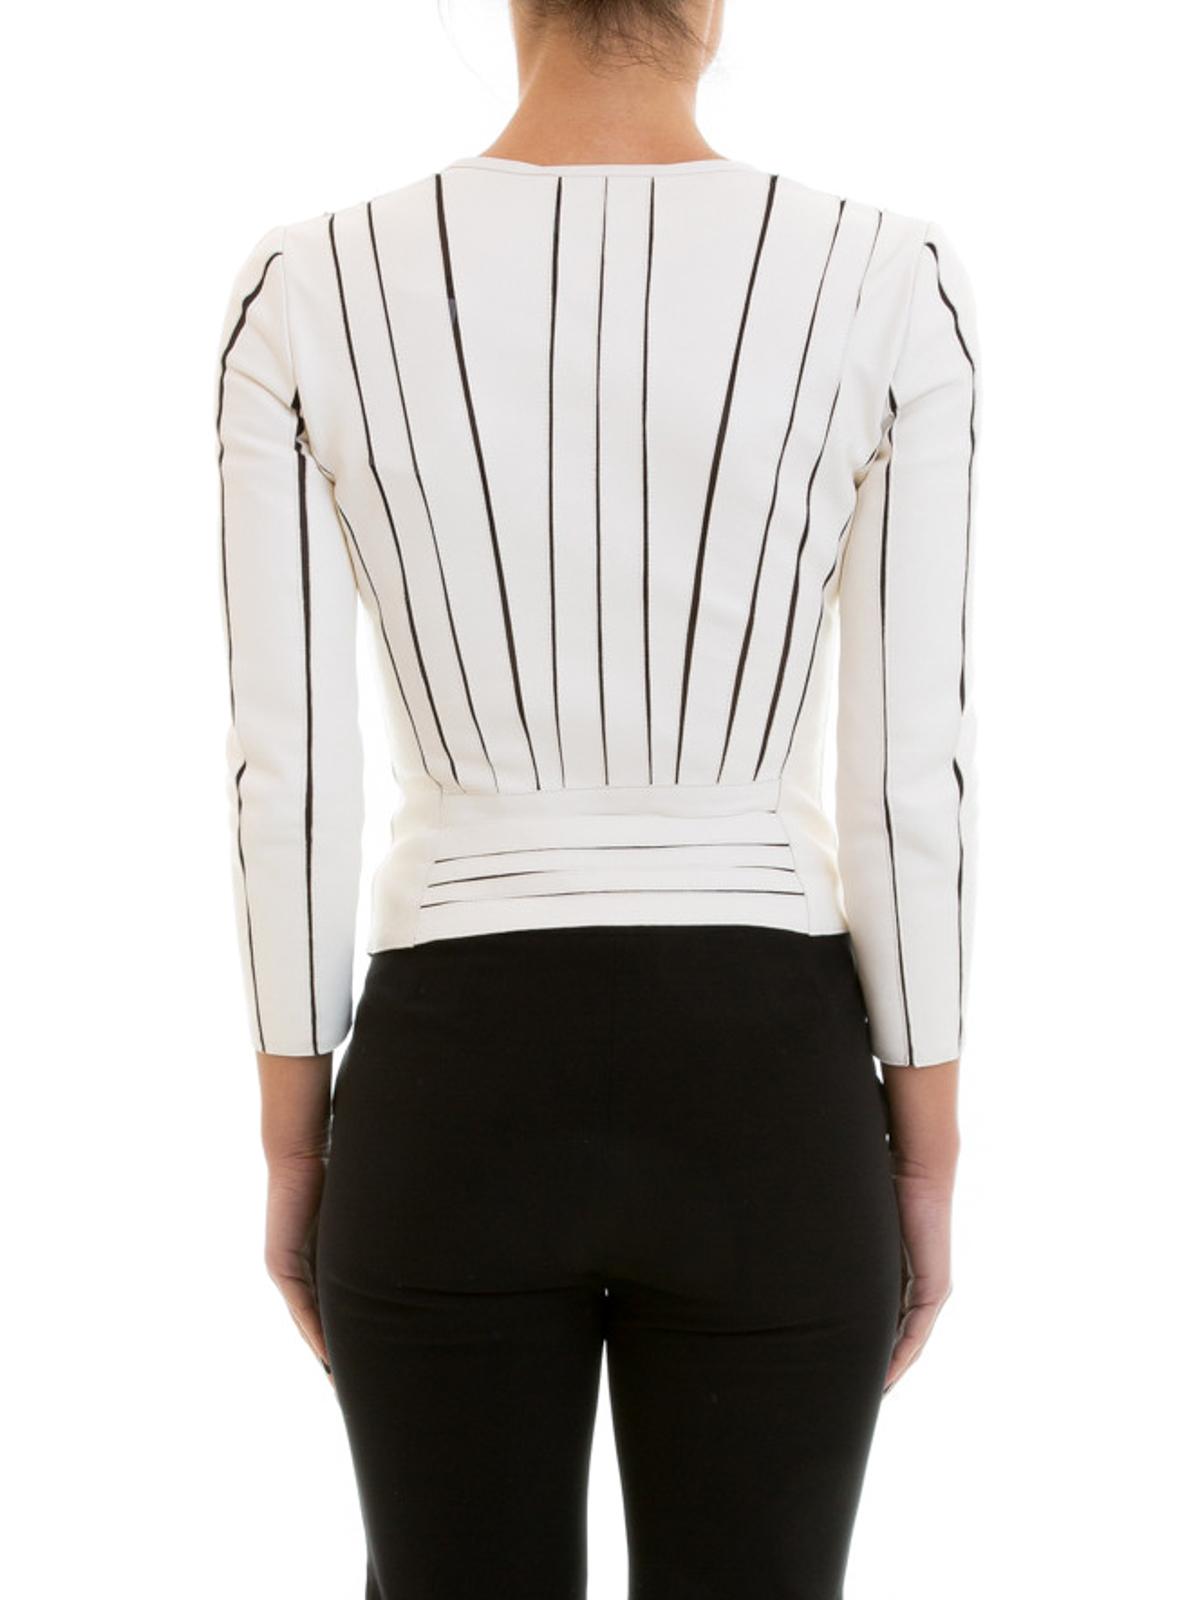 iKRIX VERSACE COLLECTION  Vestes en cuir - Manteau En Cuir Blanc Pour Femme d71f9249906